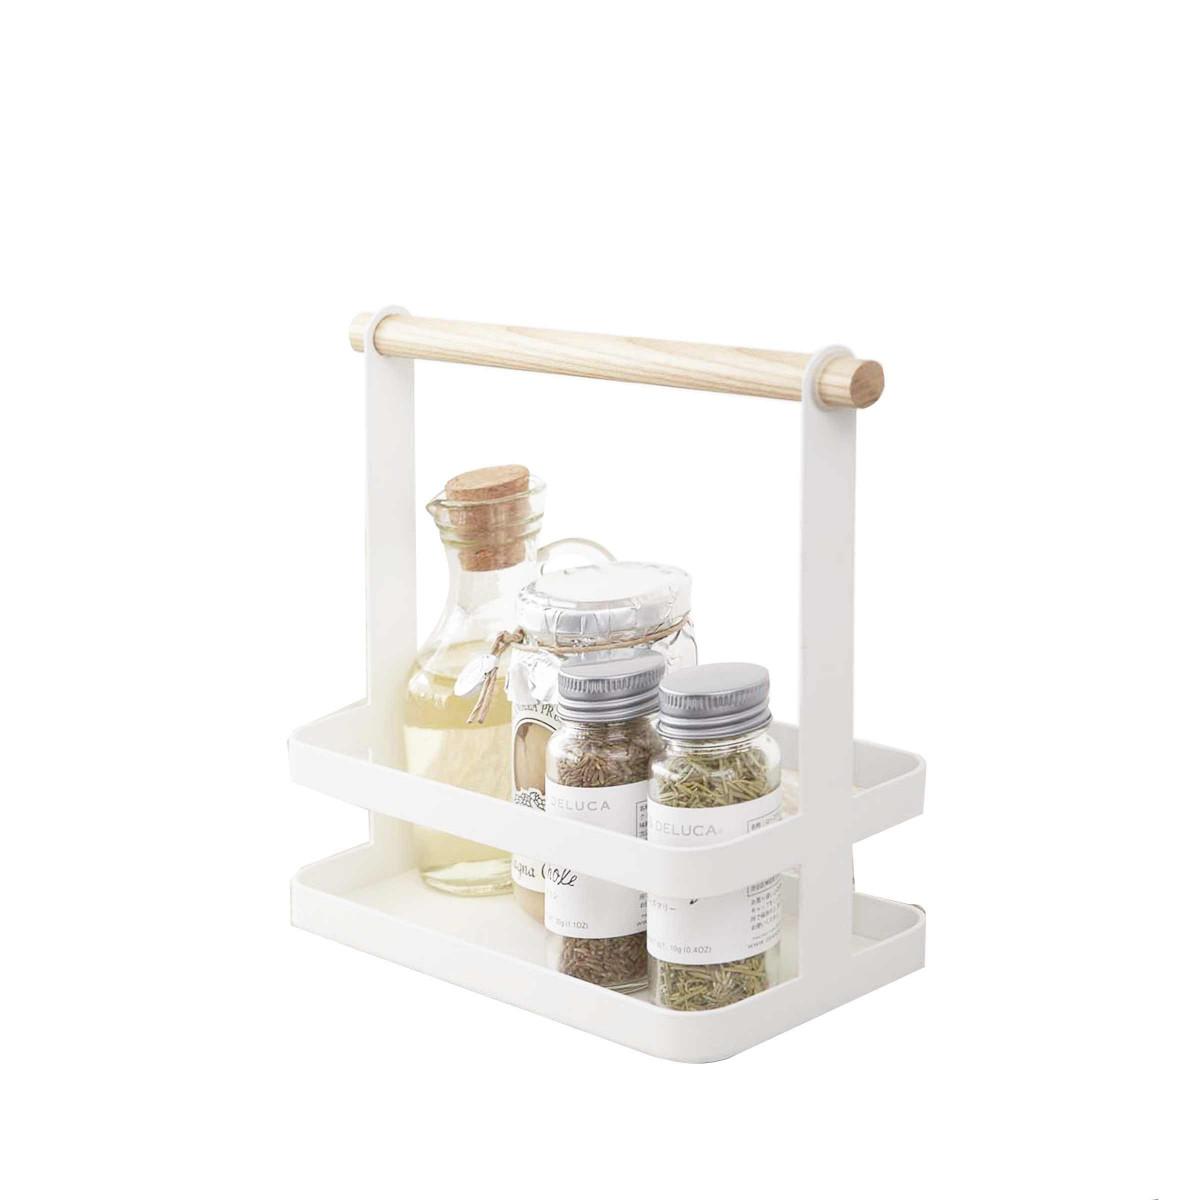 panier pices rangement cuisine. Black Bedroom Furniture Sets. Home Design Ideas